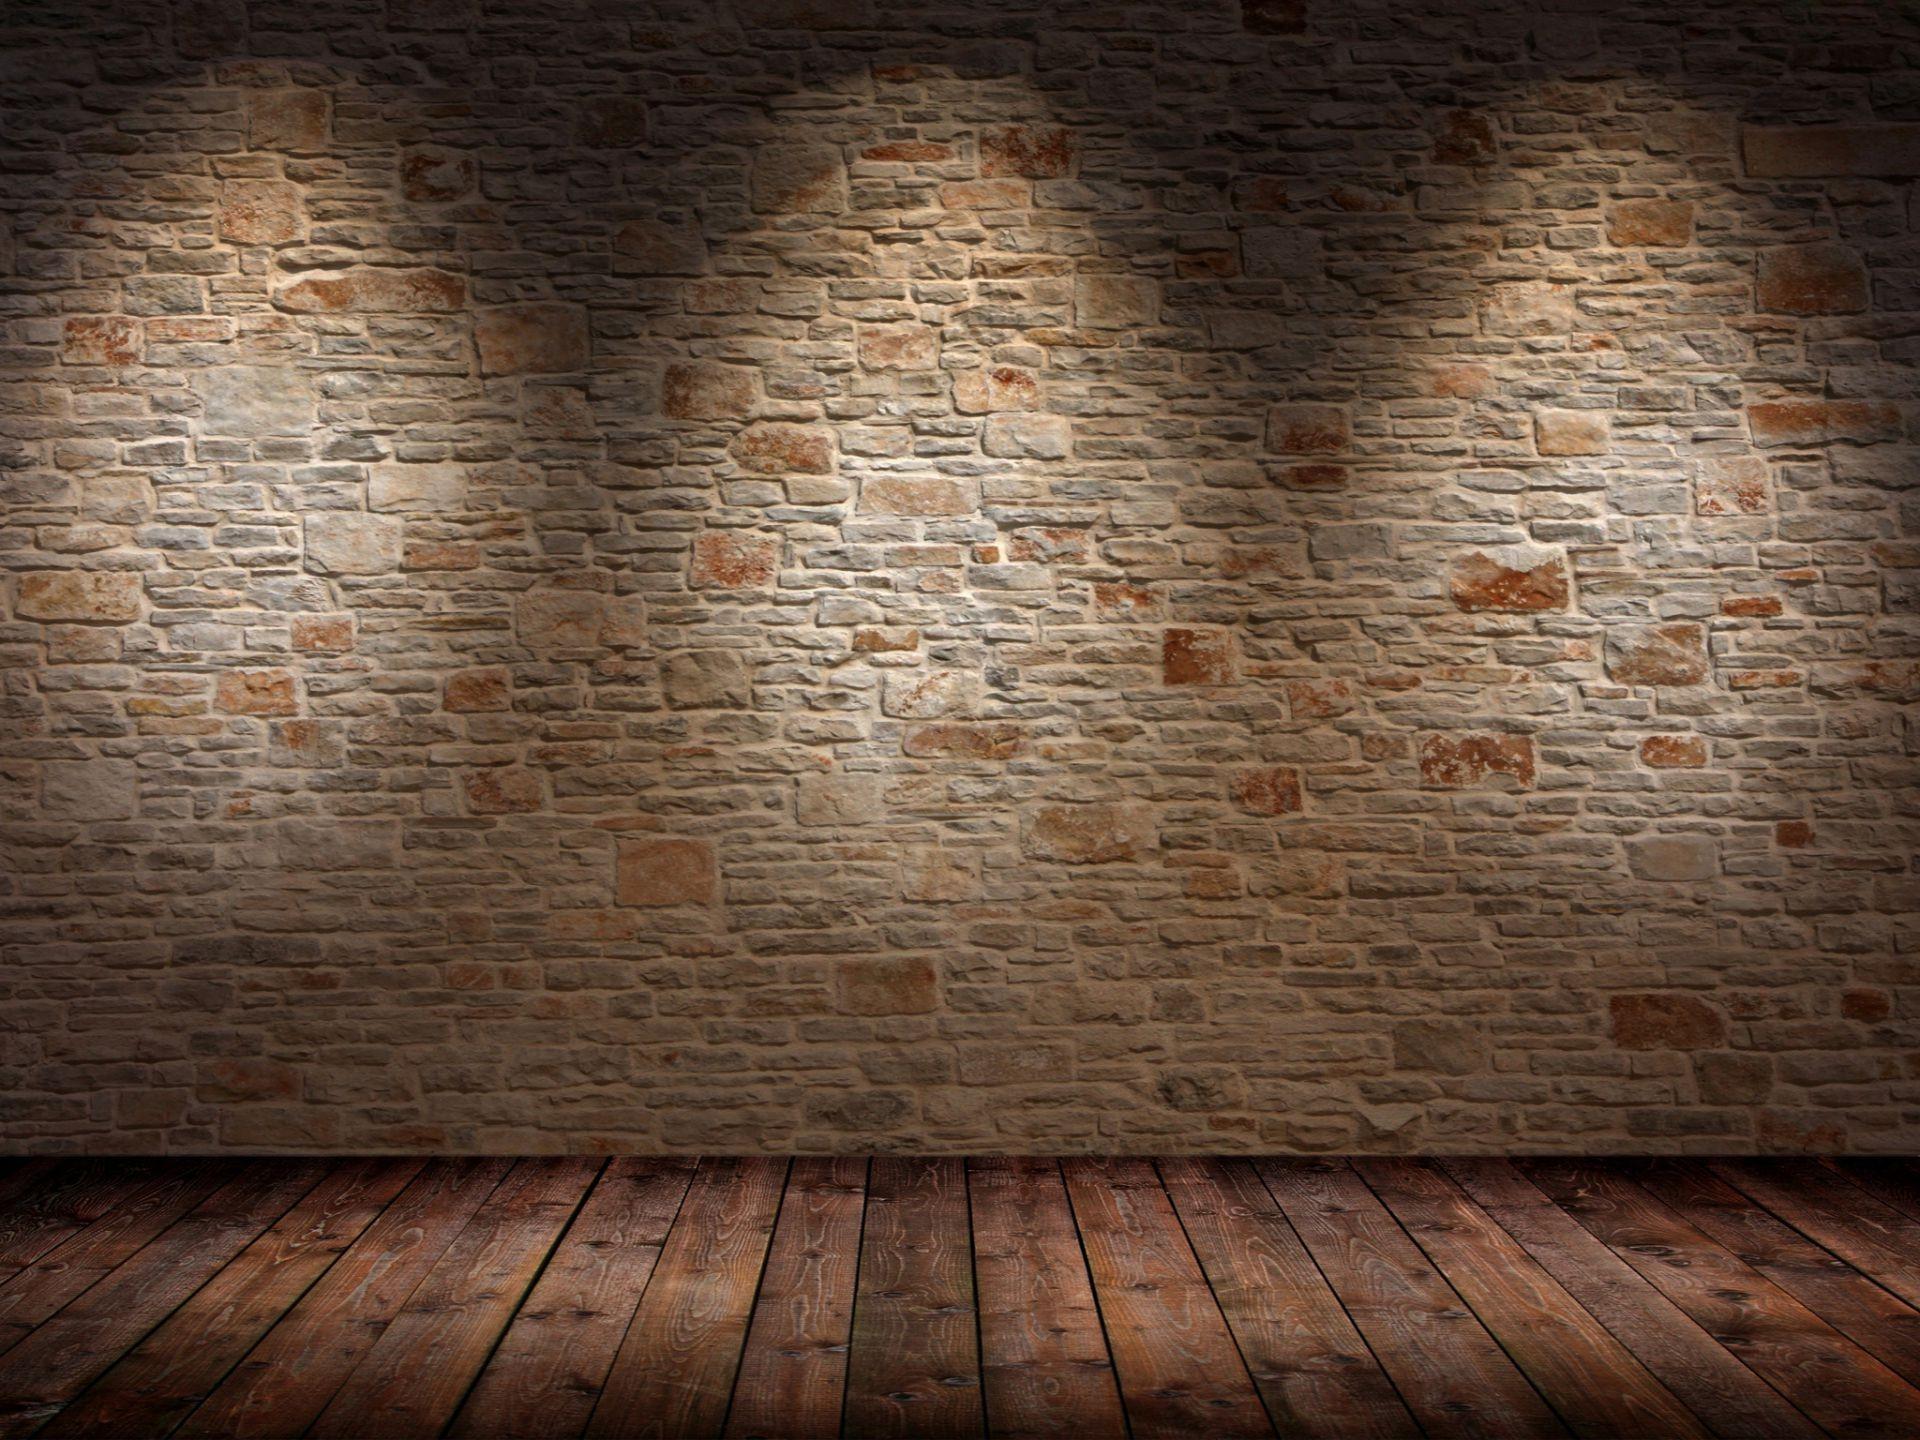 пол стена текстура бесплатно